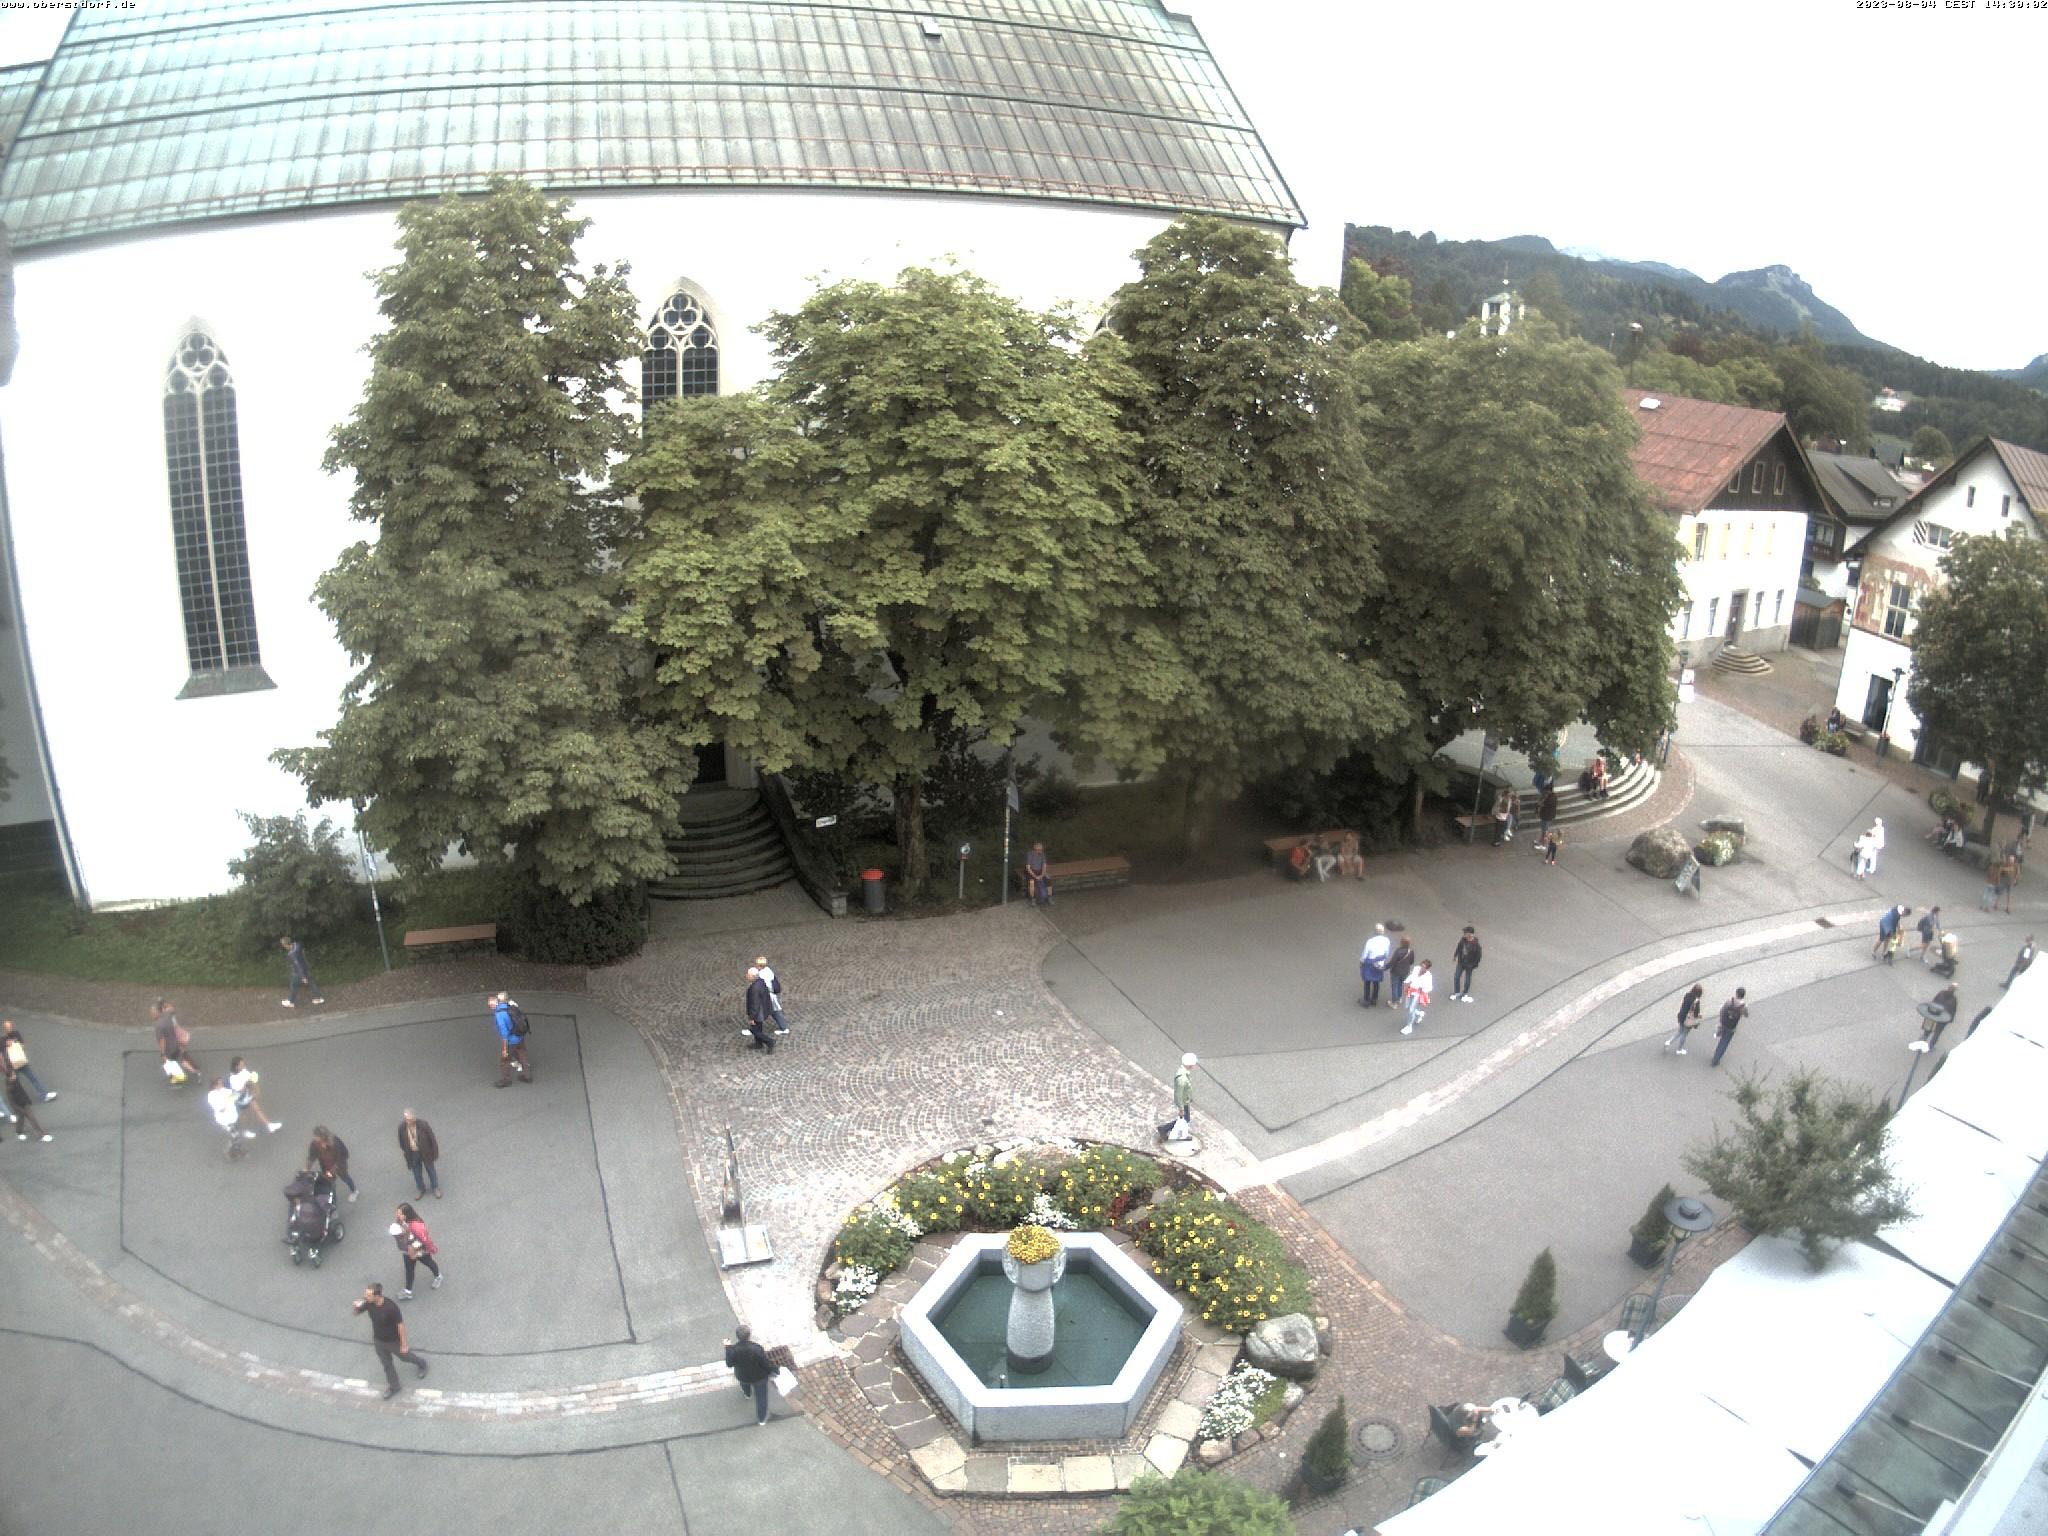 Marktplatz Oberstdorf